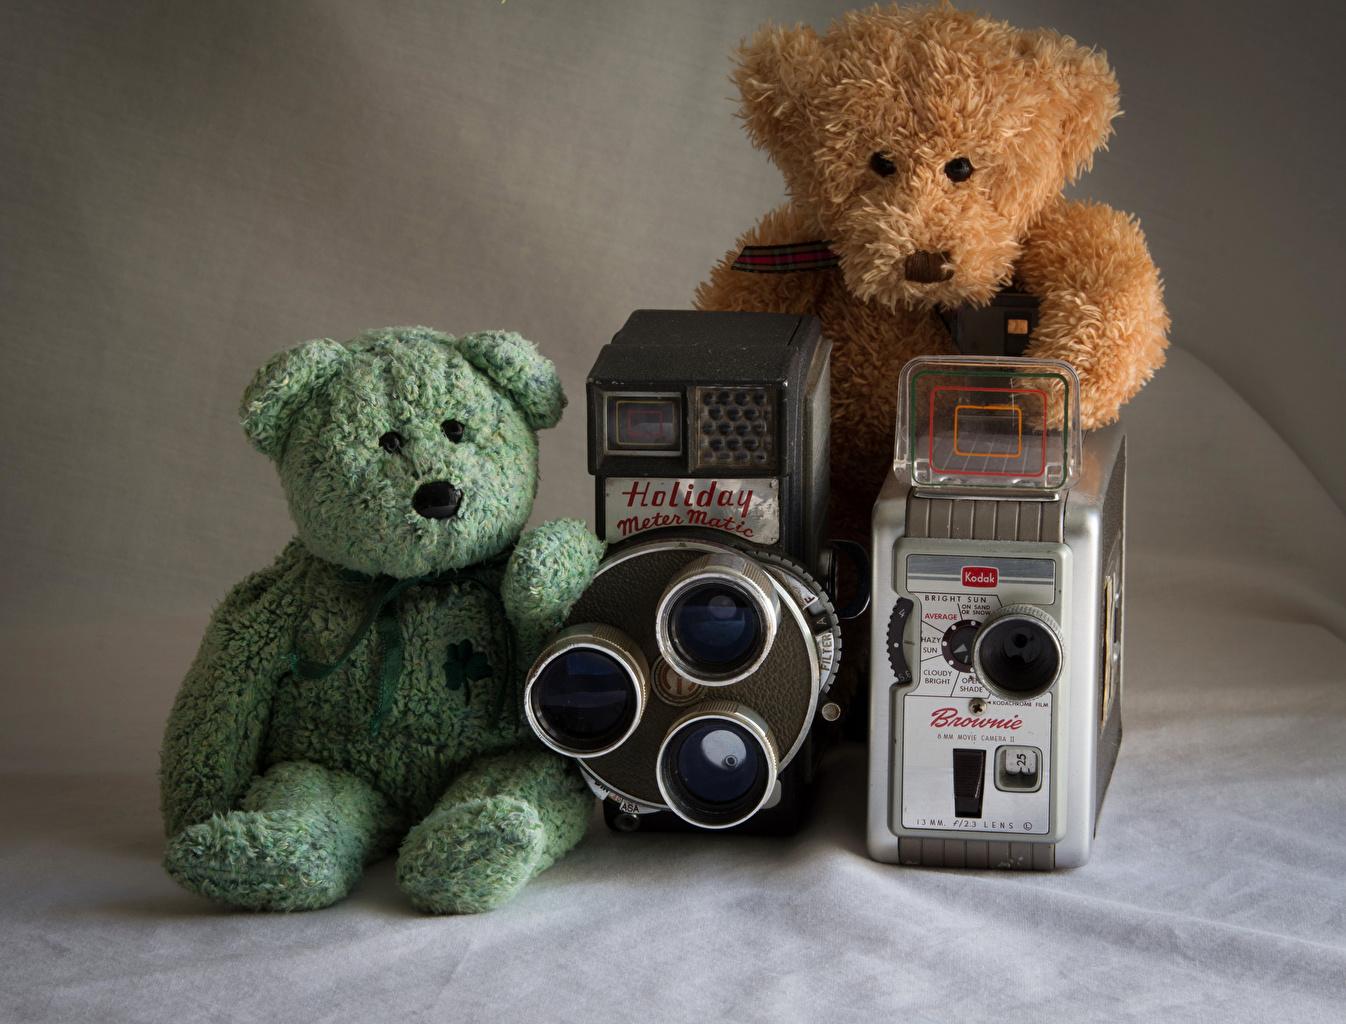 Desktop Hintergrundbilder Fotoapparat Zwei Teddybär 2 Teddy Knuddelbär